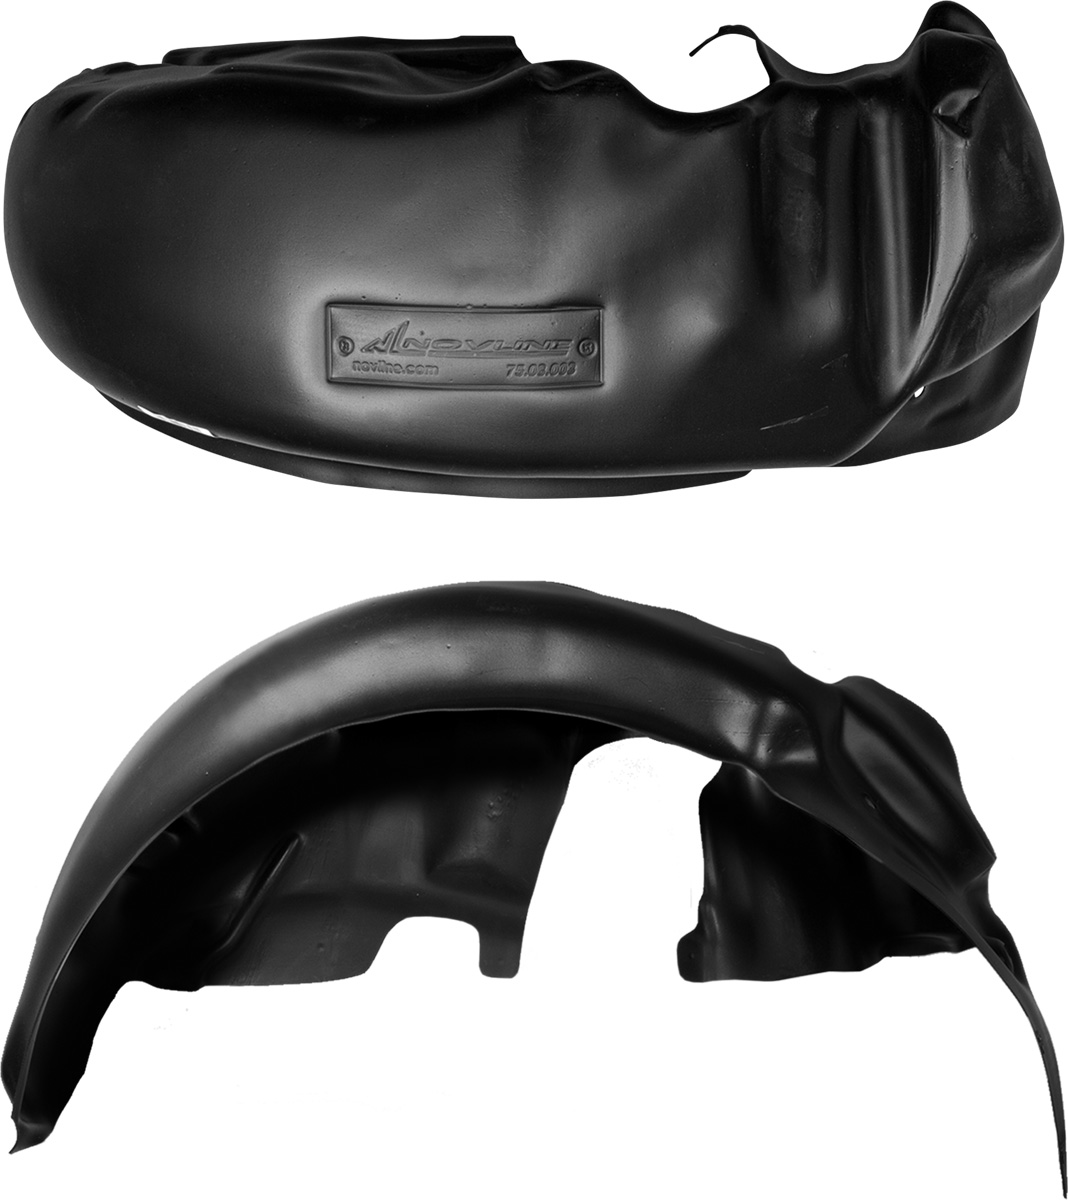 Подкрылок Novline-Autofamily, для Daewoo Nexia 1995-2007, 2007 -> (задний правый)K100Подкрылок выполнен из высококачественного, экологически чистого пластика. Обеспечивает надежную защиту кузова автомобиля от пескоструйного эффекта и негативного влияния, агрессивных антигололедных реагентов. Пластик обладает более низкой теплопроводностью, чем металл, поэтому в зимний период эксплуатации использование пластиковых подкрылков позволяет лучше защитить колесные ниши от налипания снега и образования наледи. Оригинальность конструкции подчеркивает элегантность автомобиля, бережно защищает нанесенное на днище кузова антикоррозийное покрытие и позволяет осуществить крепление подкрылка внутри колесной арки практически без дополнительного крепежа и сверления, не нарушая при этом лакокрасочного покрытия, что предотвращает возникновение новых очагов коррозии. Технология крепления подкрылка на иномарки принципиально отличается от крепления на российские автомобили и разрабатывается индивидуально для каждой модели автомобиля. Подкрылок долговечен, обладает высокой прочностью и сохраняет заданную форму, а также все свои физико-механические характеристики в самых тяжелых климатических условиях ( от -50° С до + 50° С).